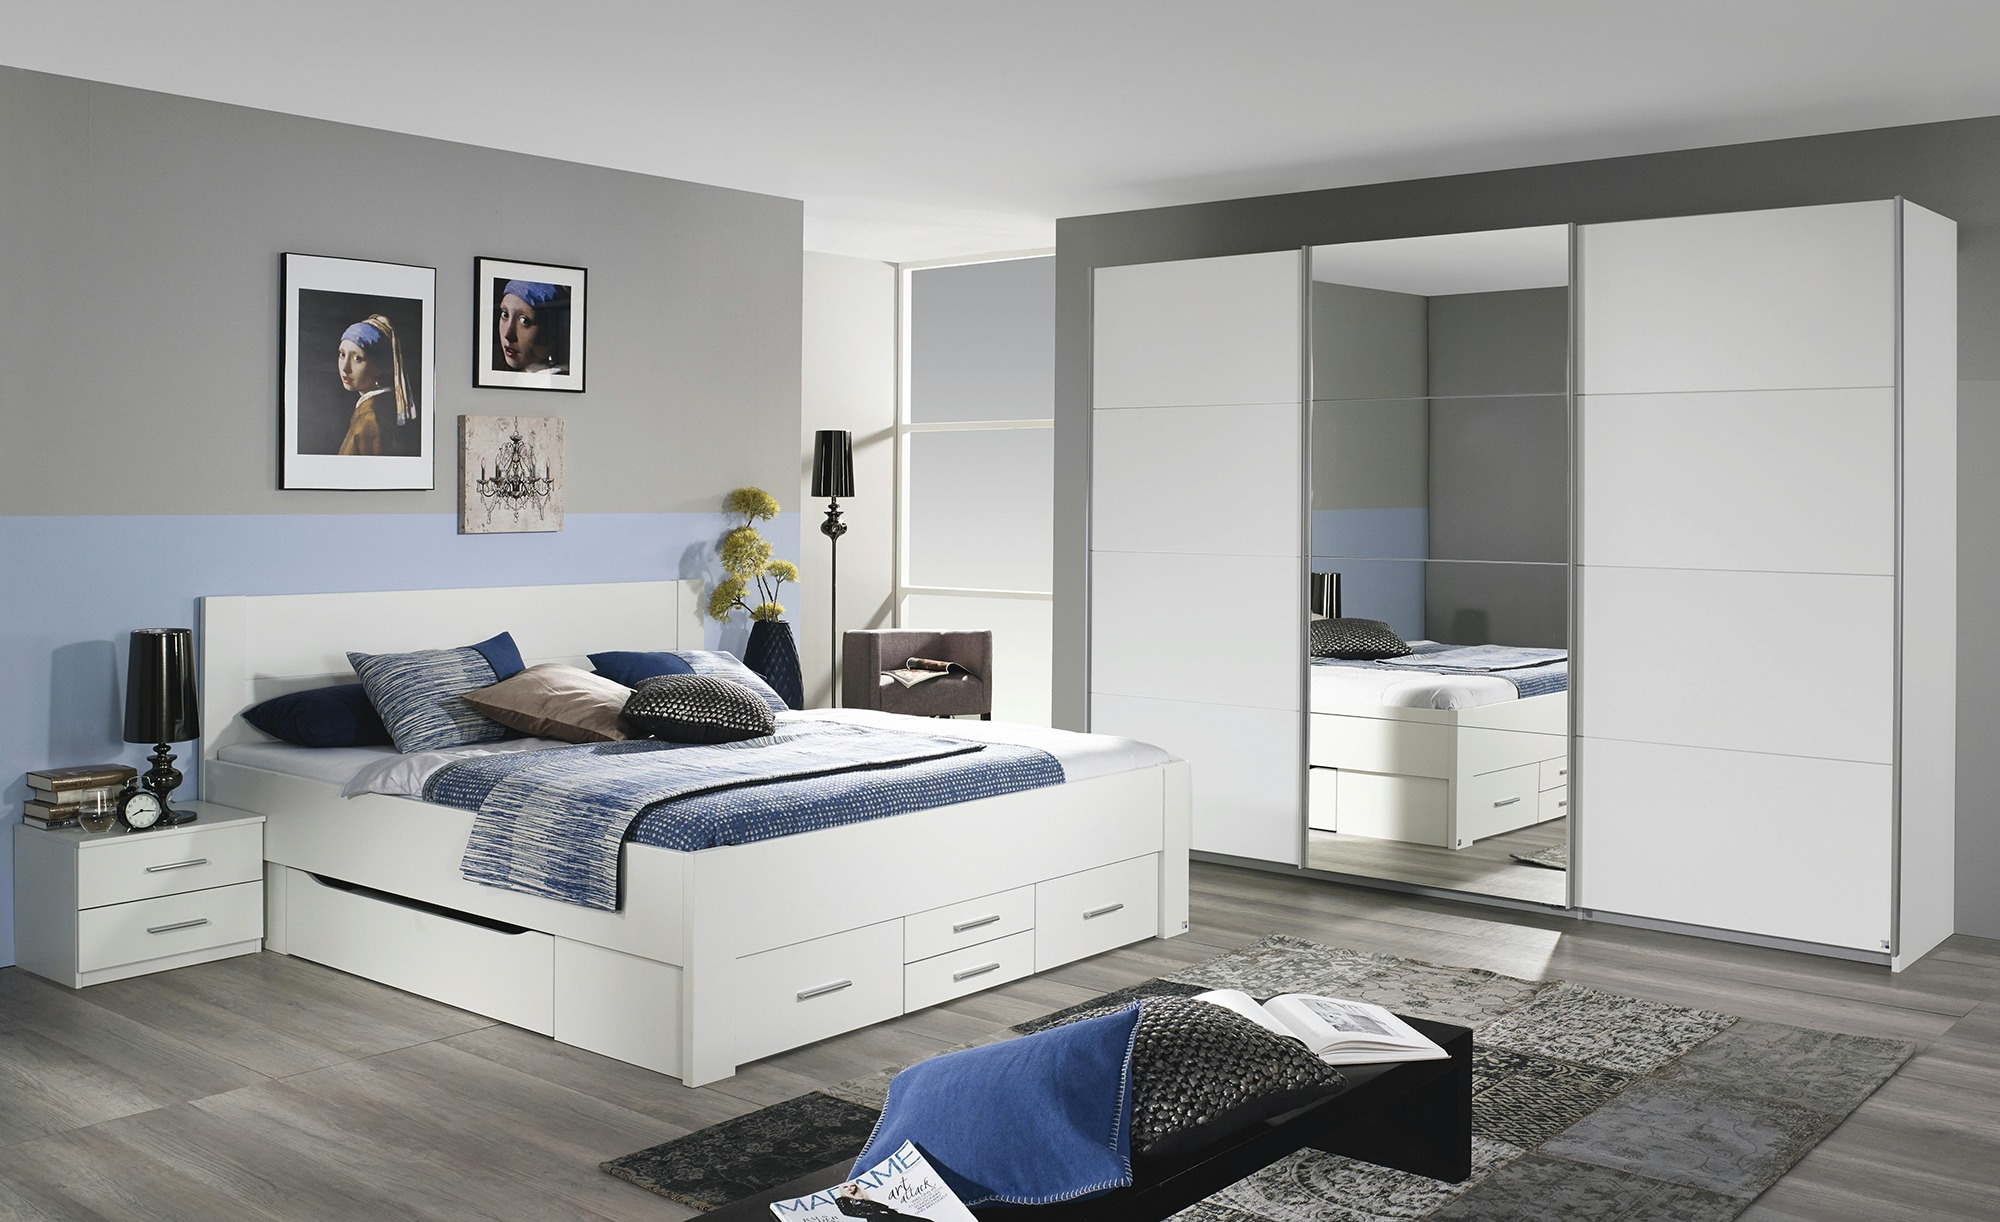 Komplett-Schlafzimmer Kulmbach / Isotta, gefunden bei Sconto